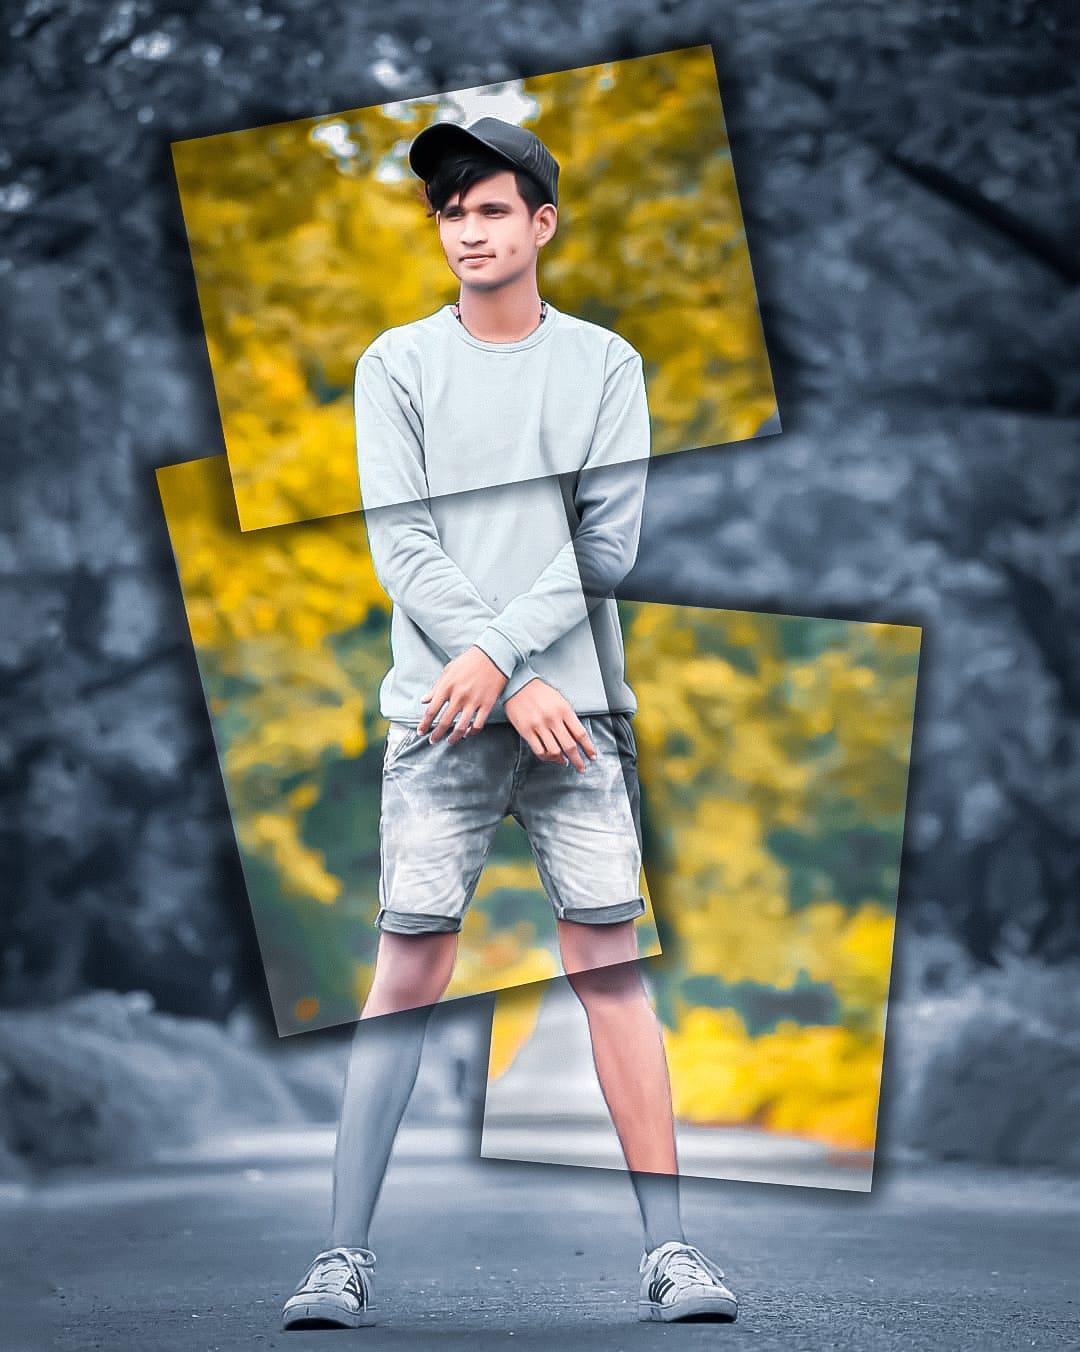 Snapseed Sqaure Editing